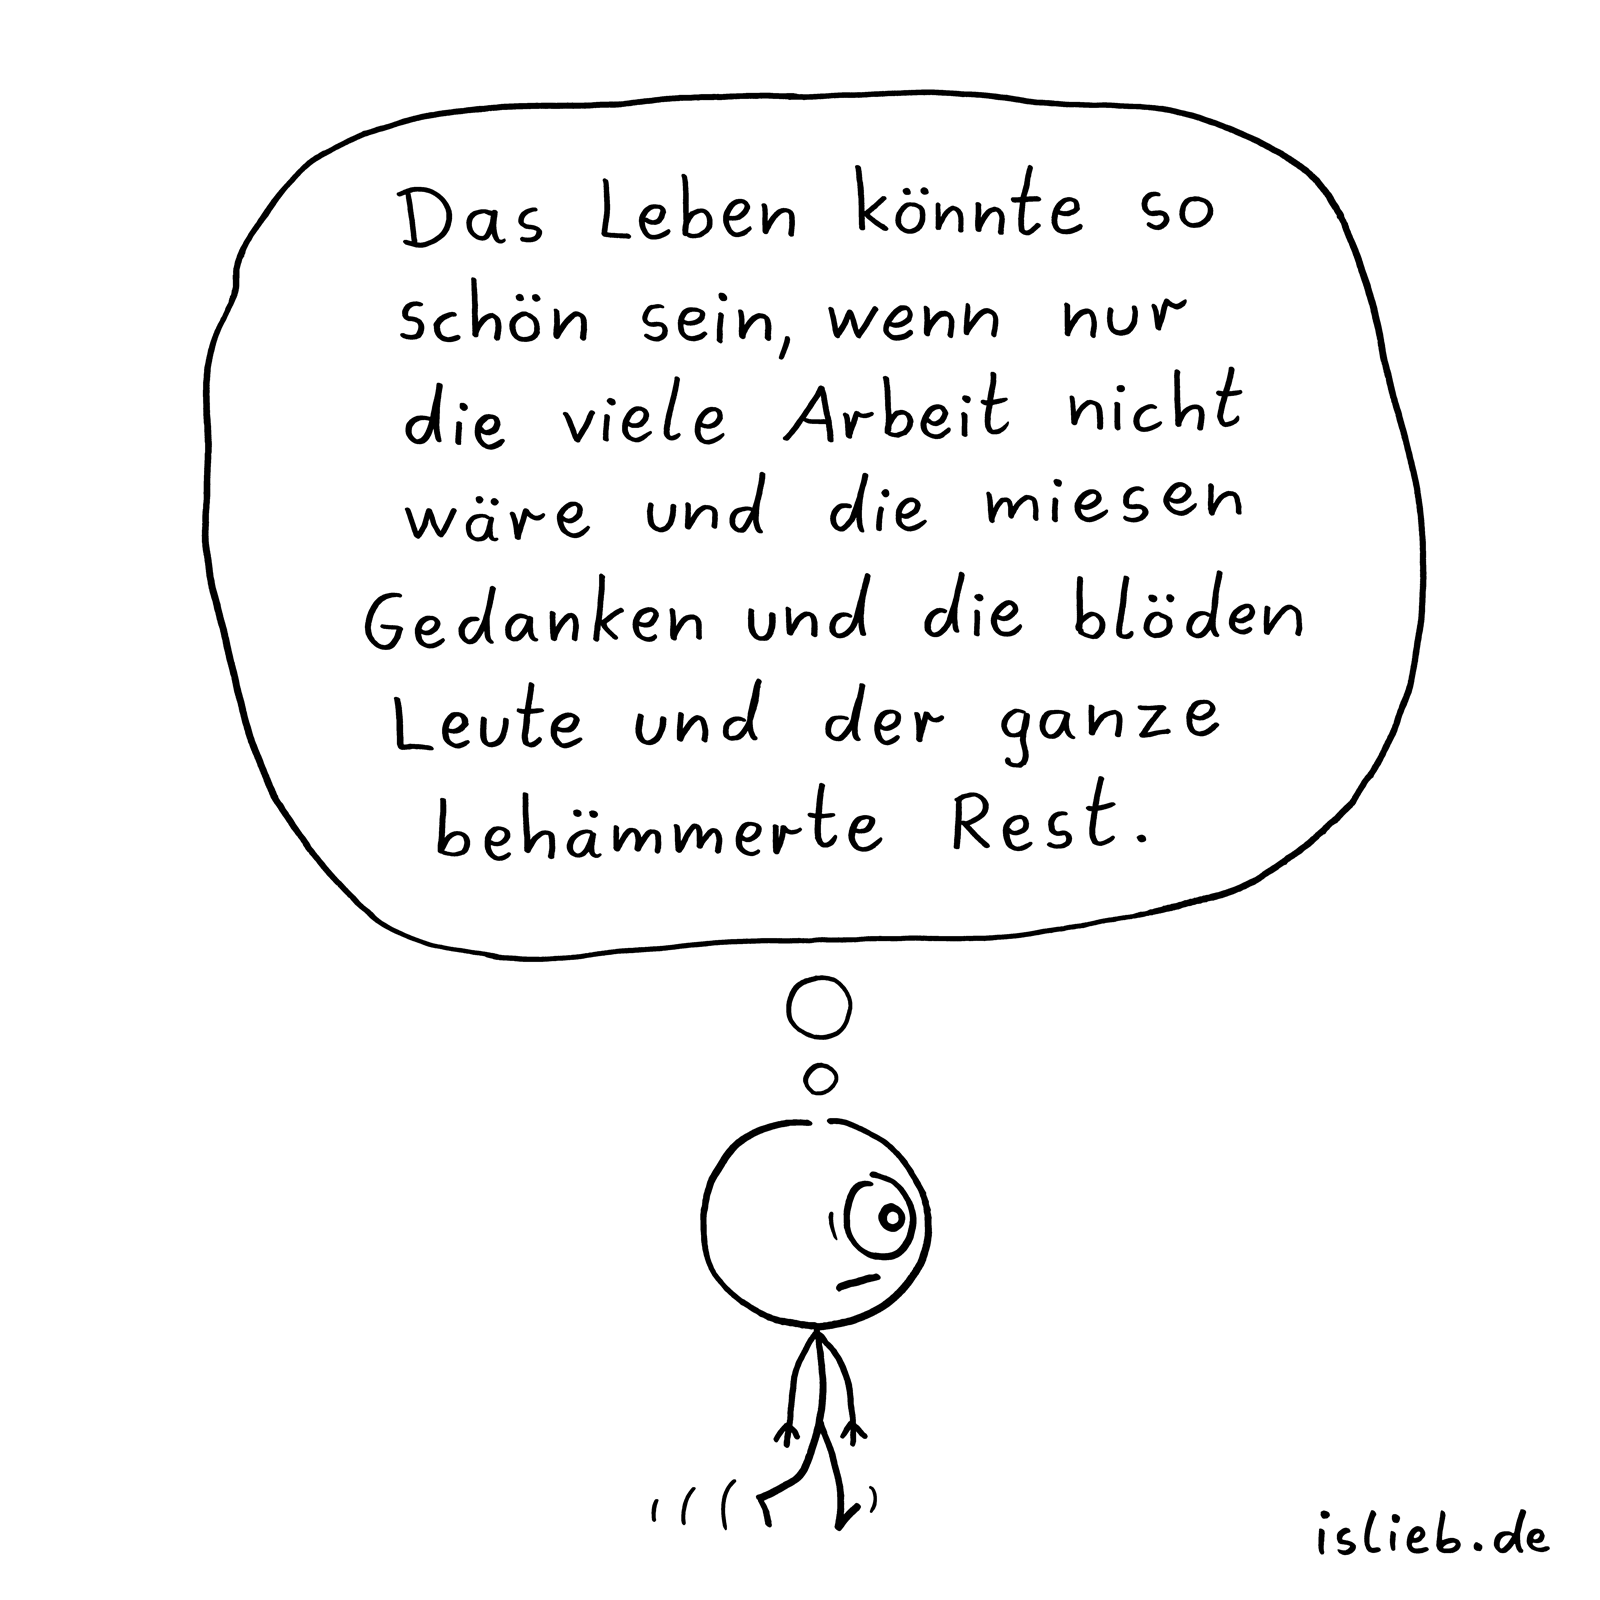 #leben #arbeit #frust #gedanken #alltag #islieb | Witzige ...